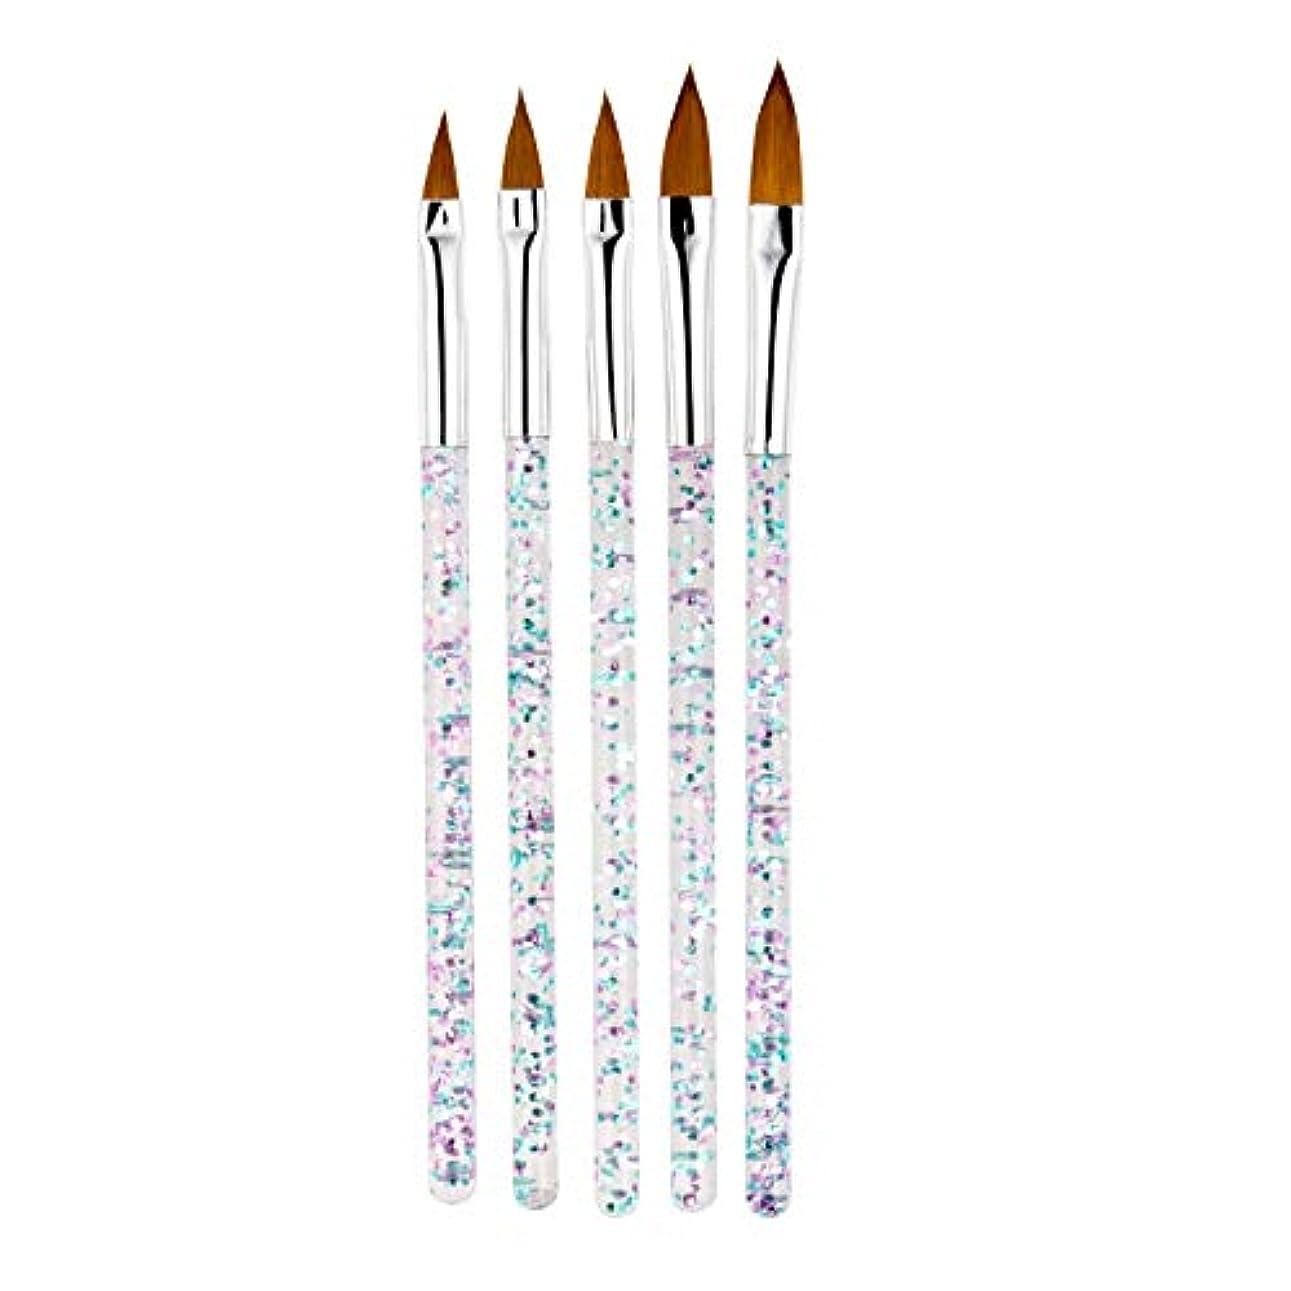 激怒自体レガシーTOOGOO 5本/セット、11/13/15/17/19Mm ネイルアート水晶ブラシ、Uvジェルのビルダー、絵画用ドットペン、彫刻、先端、マニキュア、サロンのツール